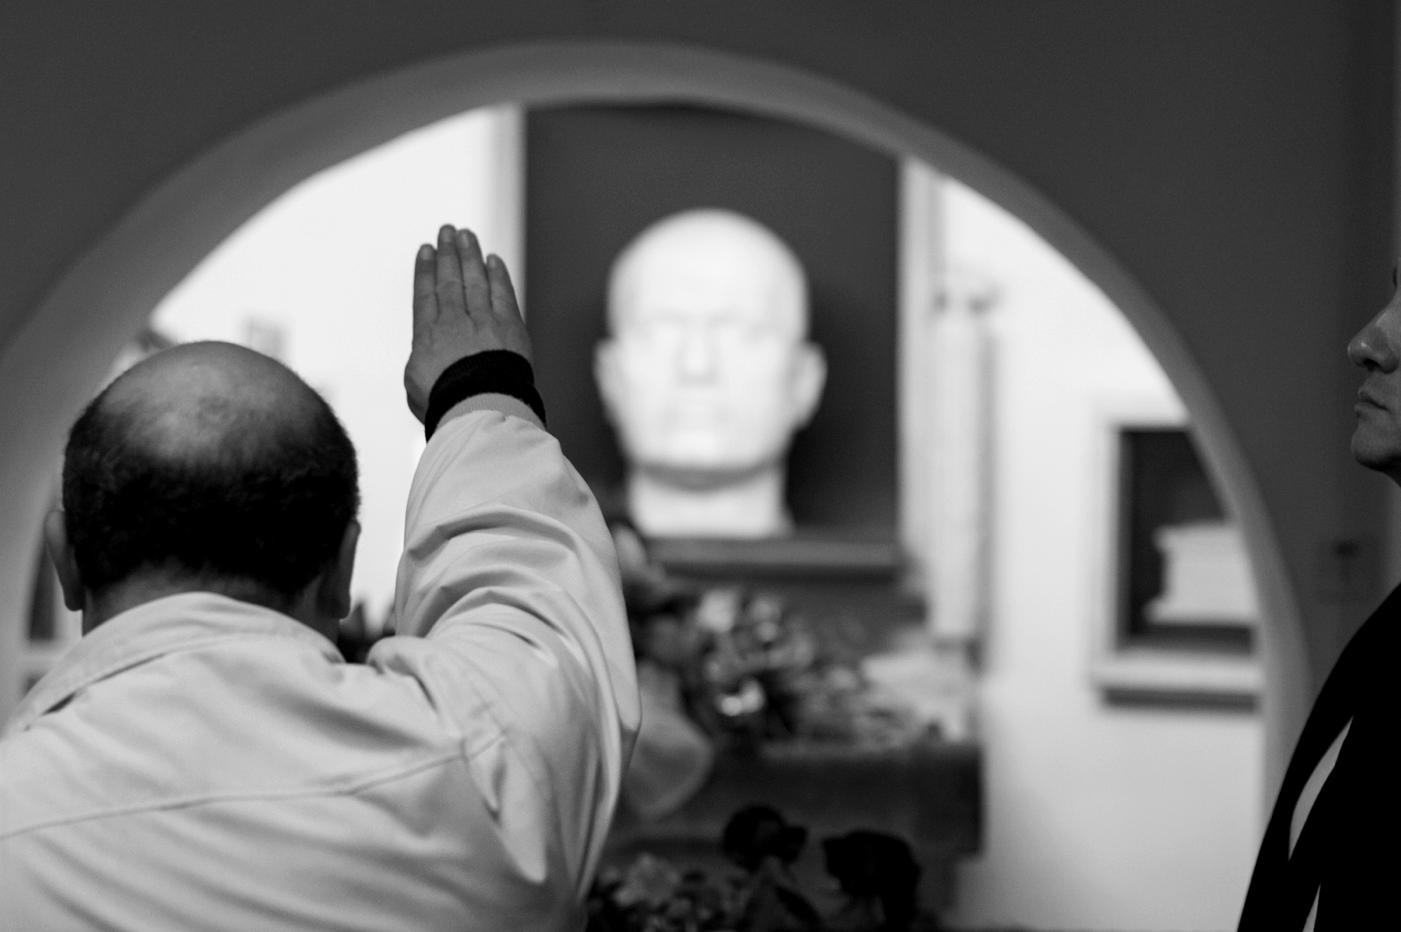 La cripta di Mussolini a Predappio (Foto: Francesco Fantini)